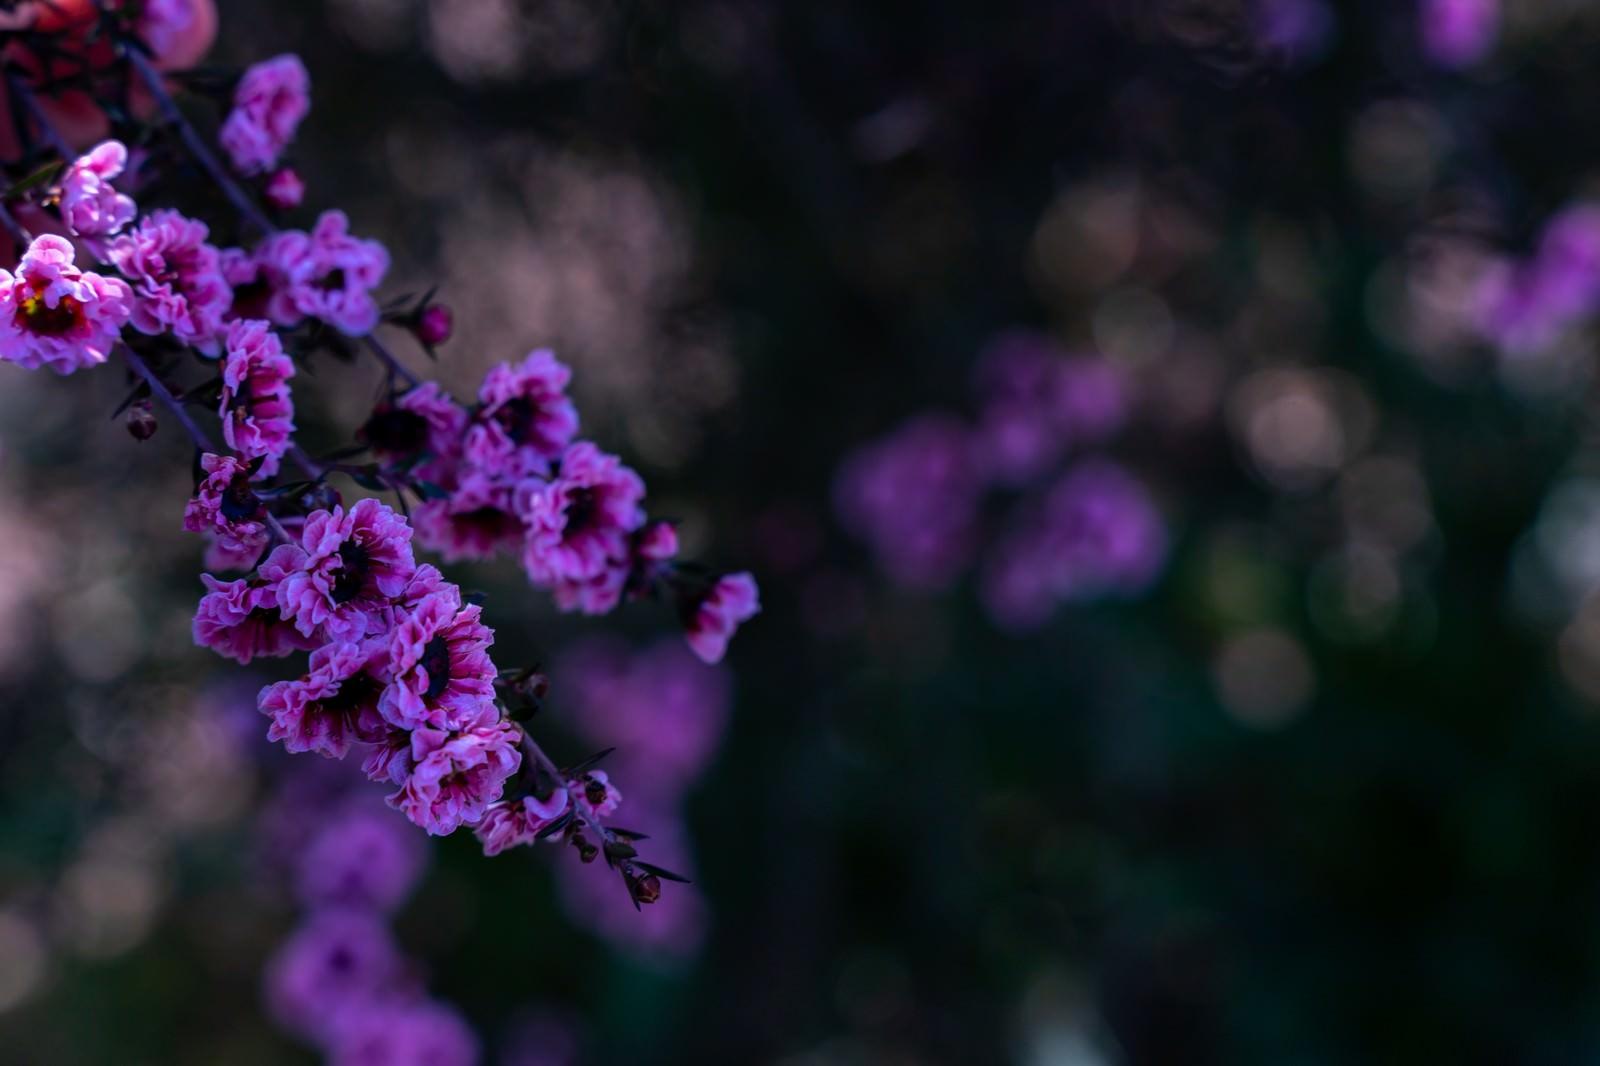 「日陰に咲く花木と玉ボケ」の写真